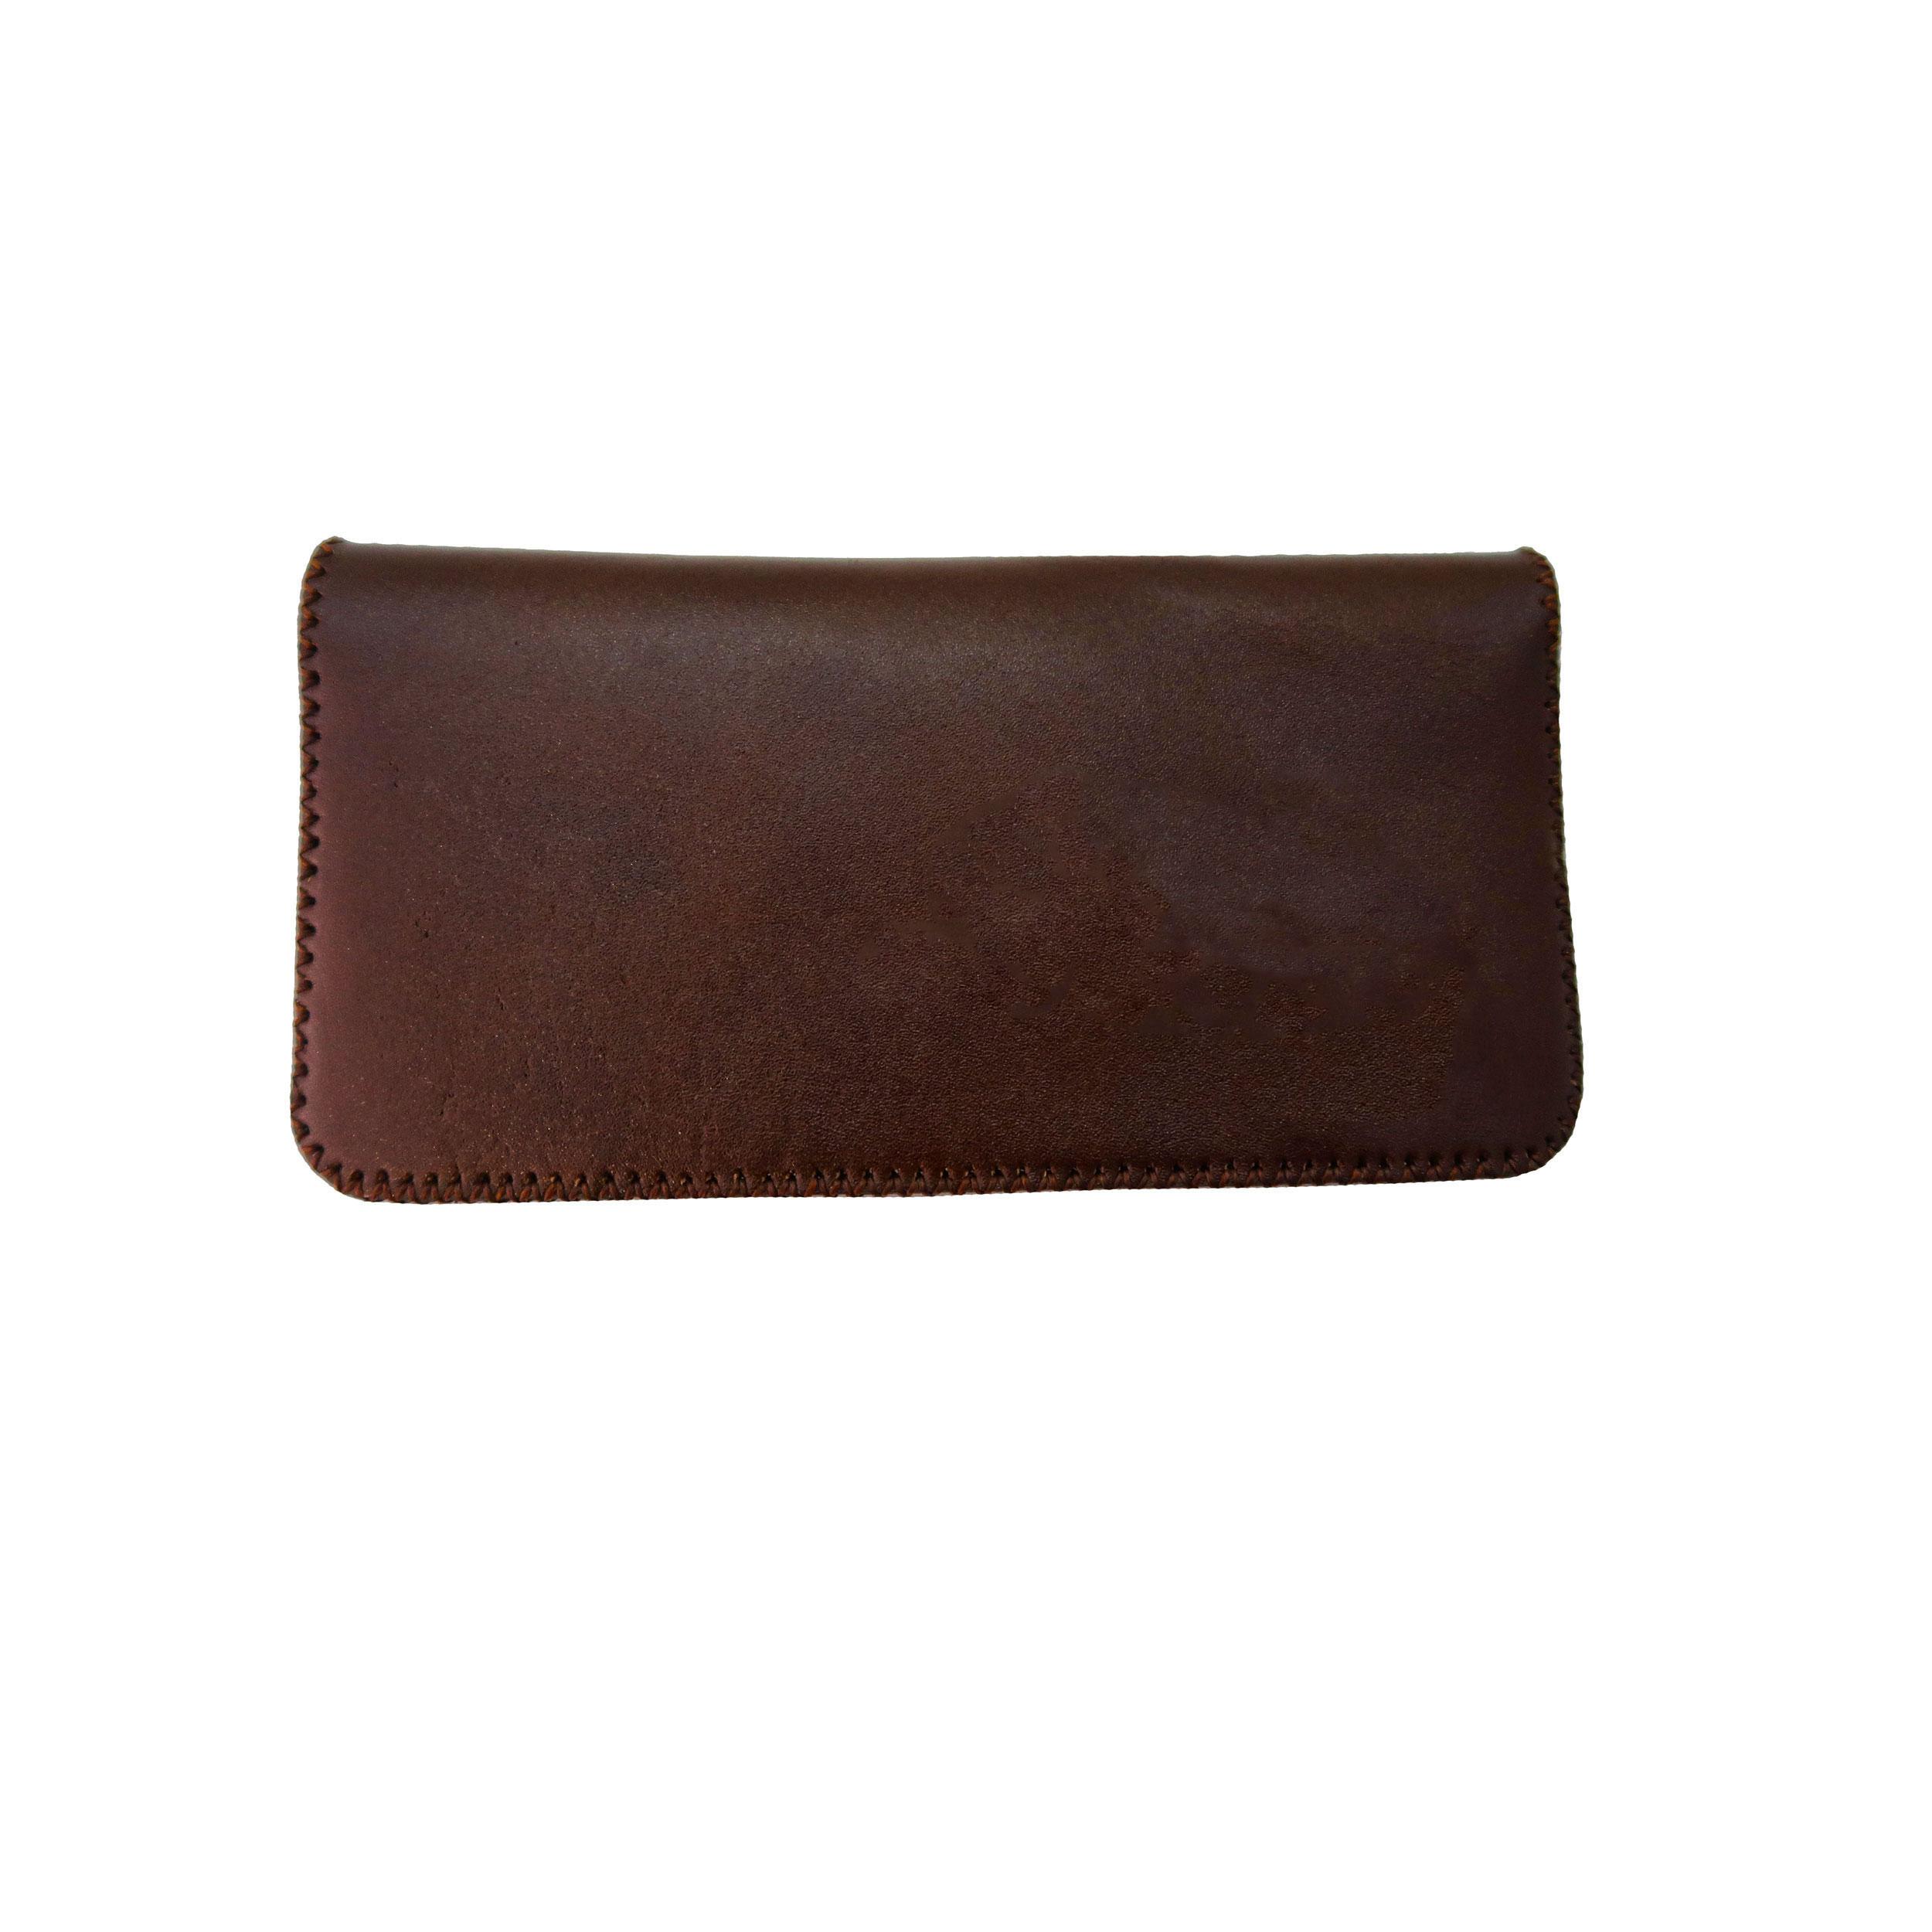 کیف پول چرمی مدل bik-wo-049